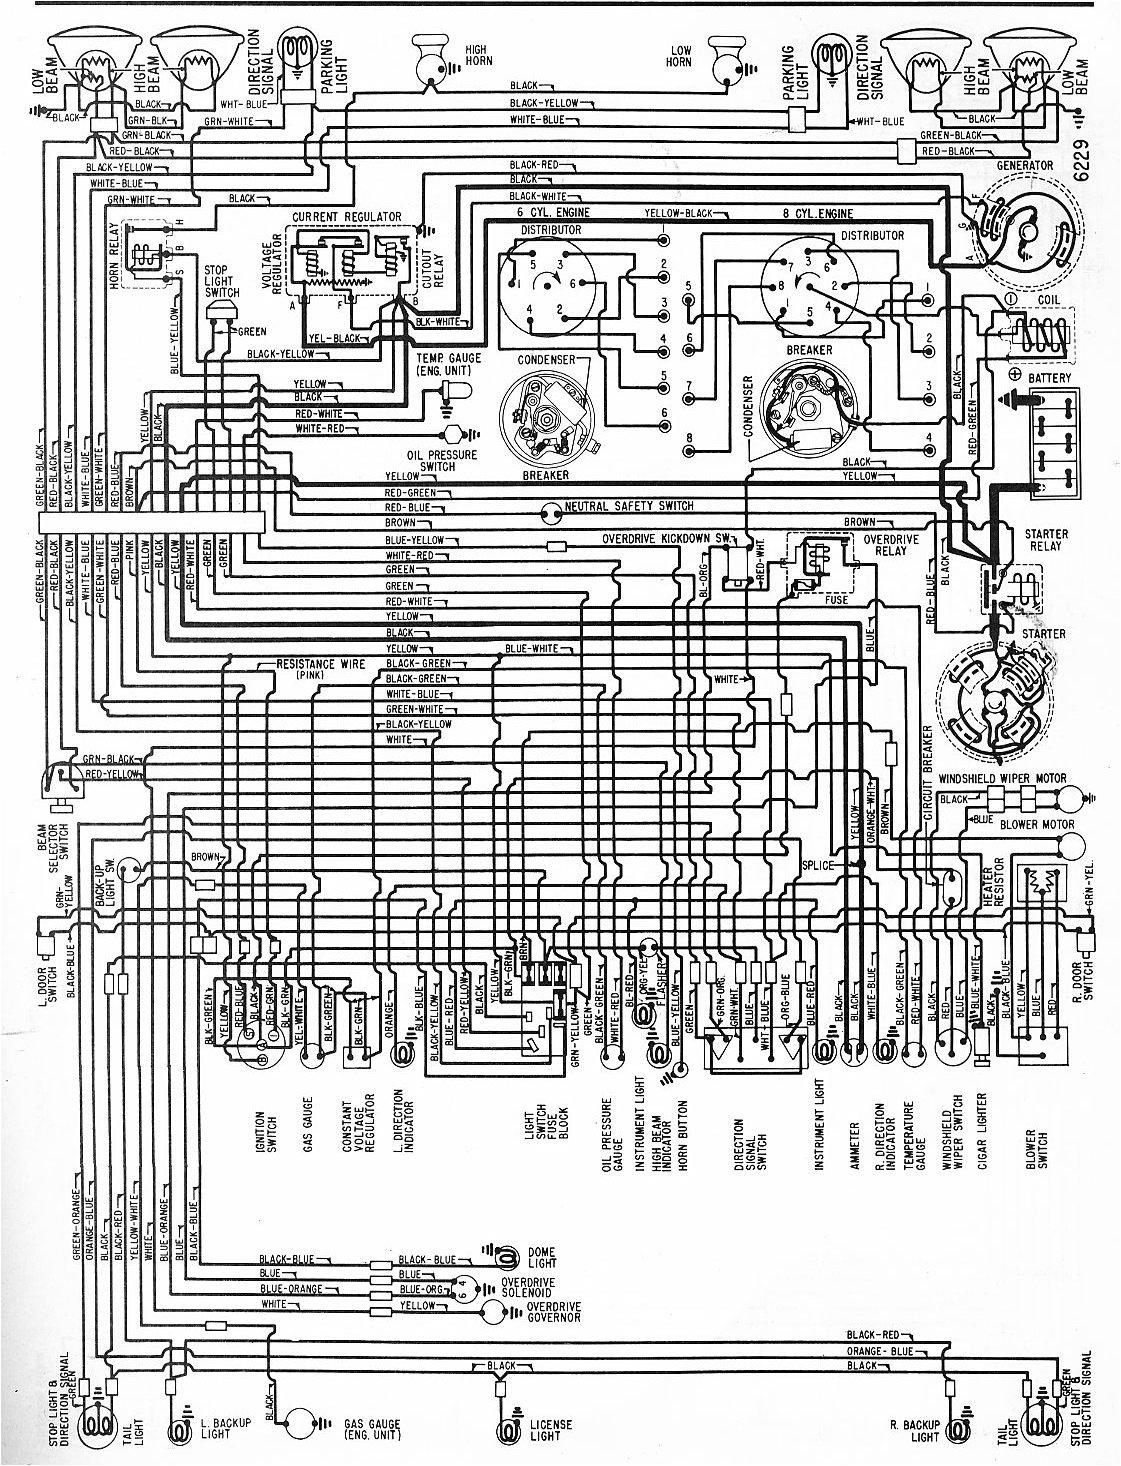 i have a 1962 ford f100 with a 3 speed w od trans i need to 1968 ford f100 wiring diagram